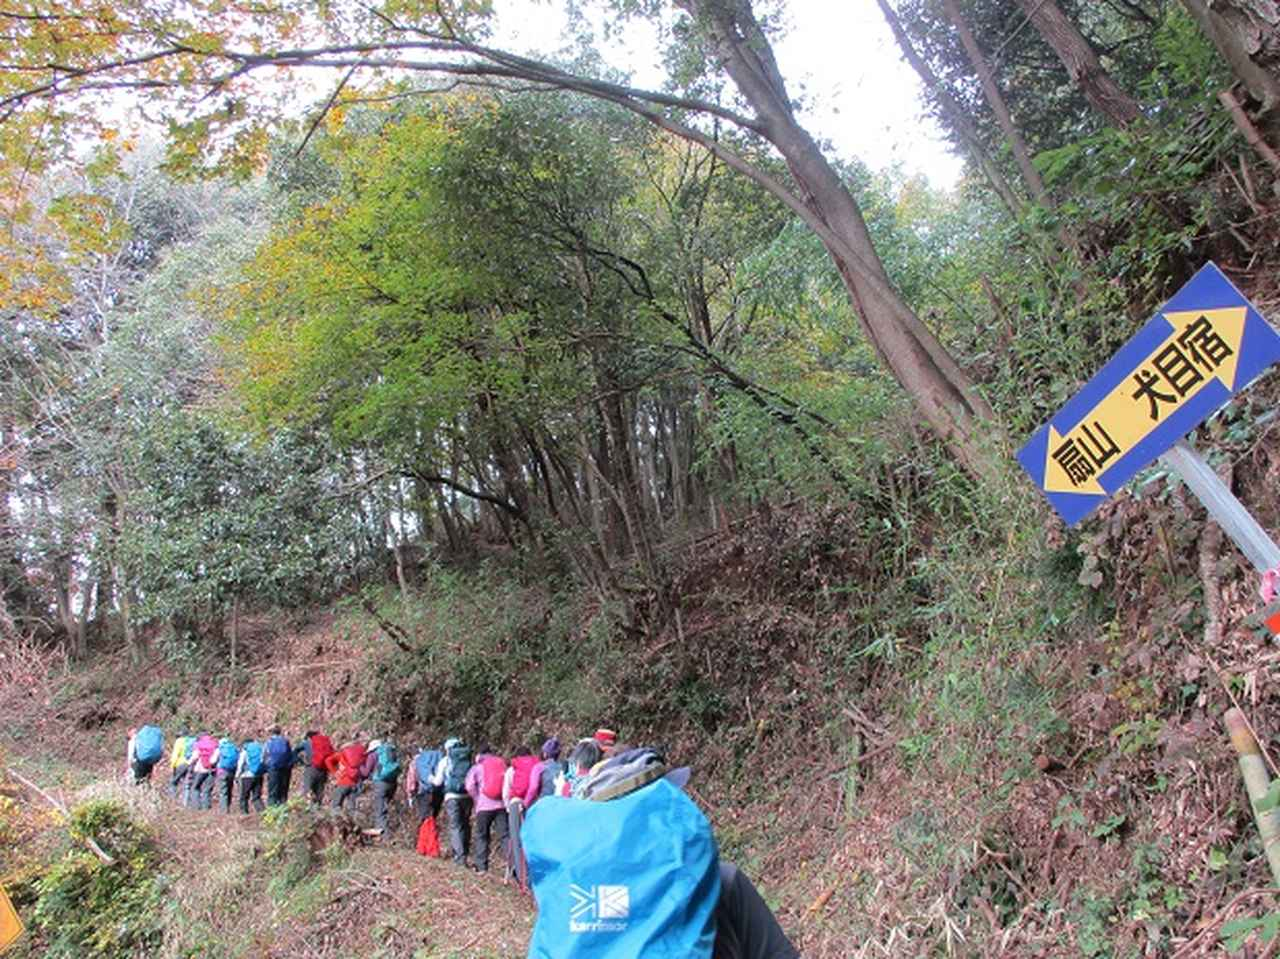 画像1: 【山旅会・登山ガイドこだわりツアー】添乗員からの便り・扇山ツアーにいってまいりました!